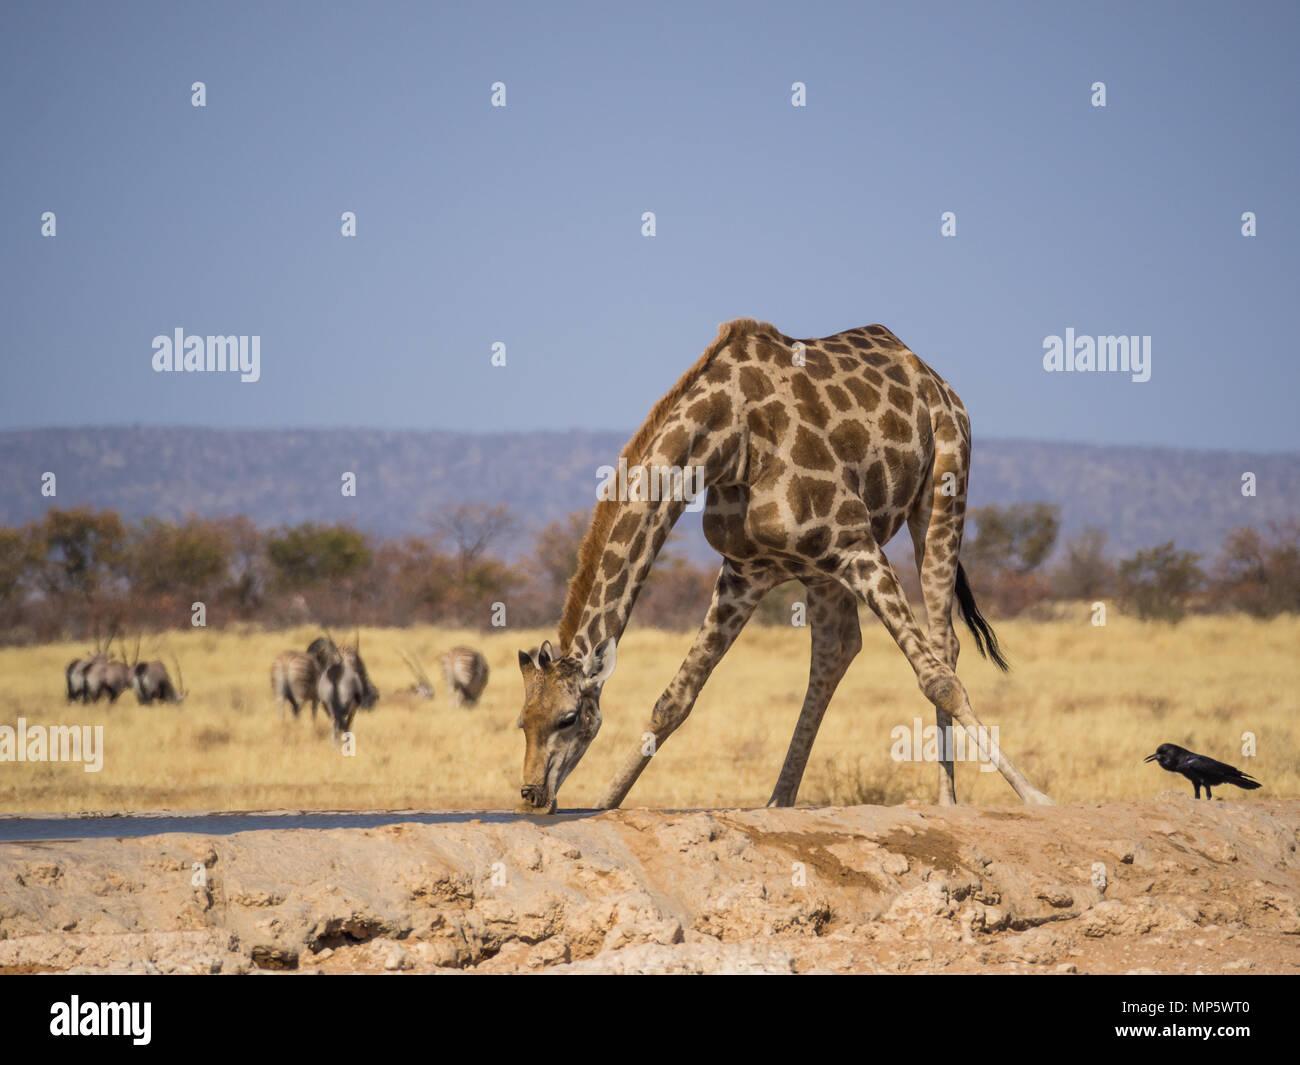 Girafe en se penchant pour boire à un trou d'eau dans le parc national d'Etosha, Namibie, Afrique du Sud Photo Stock